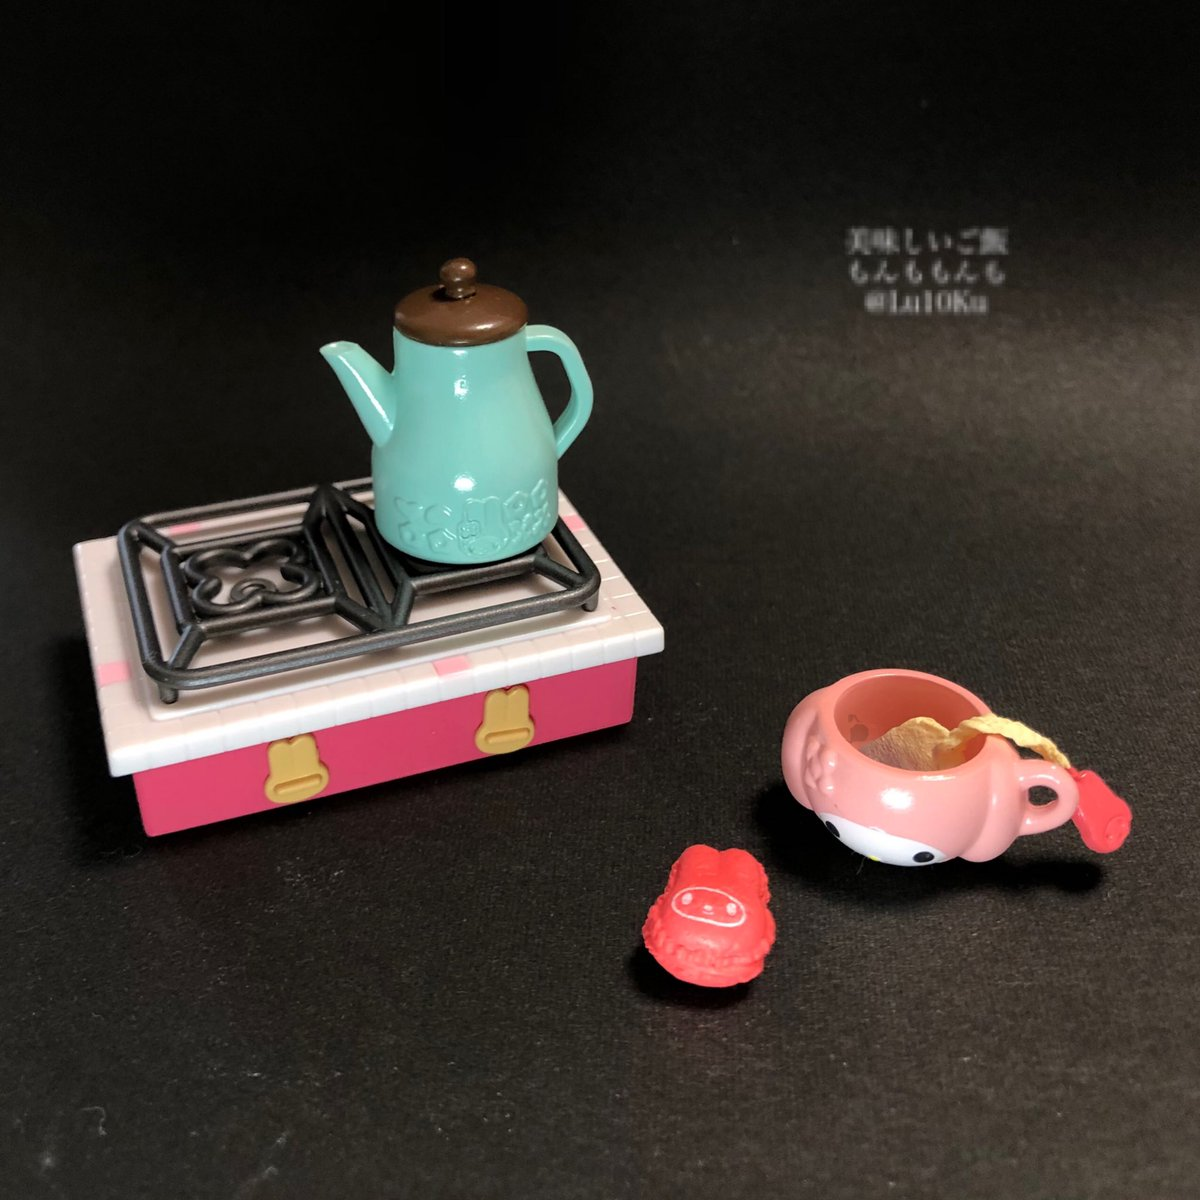 マイメロディ おもてなしキッチン 01 #リーメント #ぷちサンプル #ミニチュアフード #miniature https://t.co/2suHSasSxg